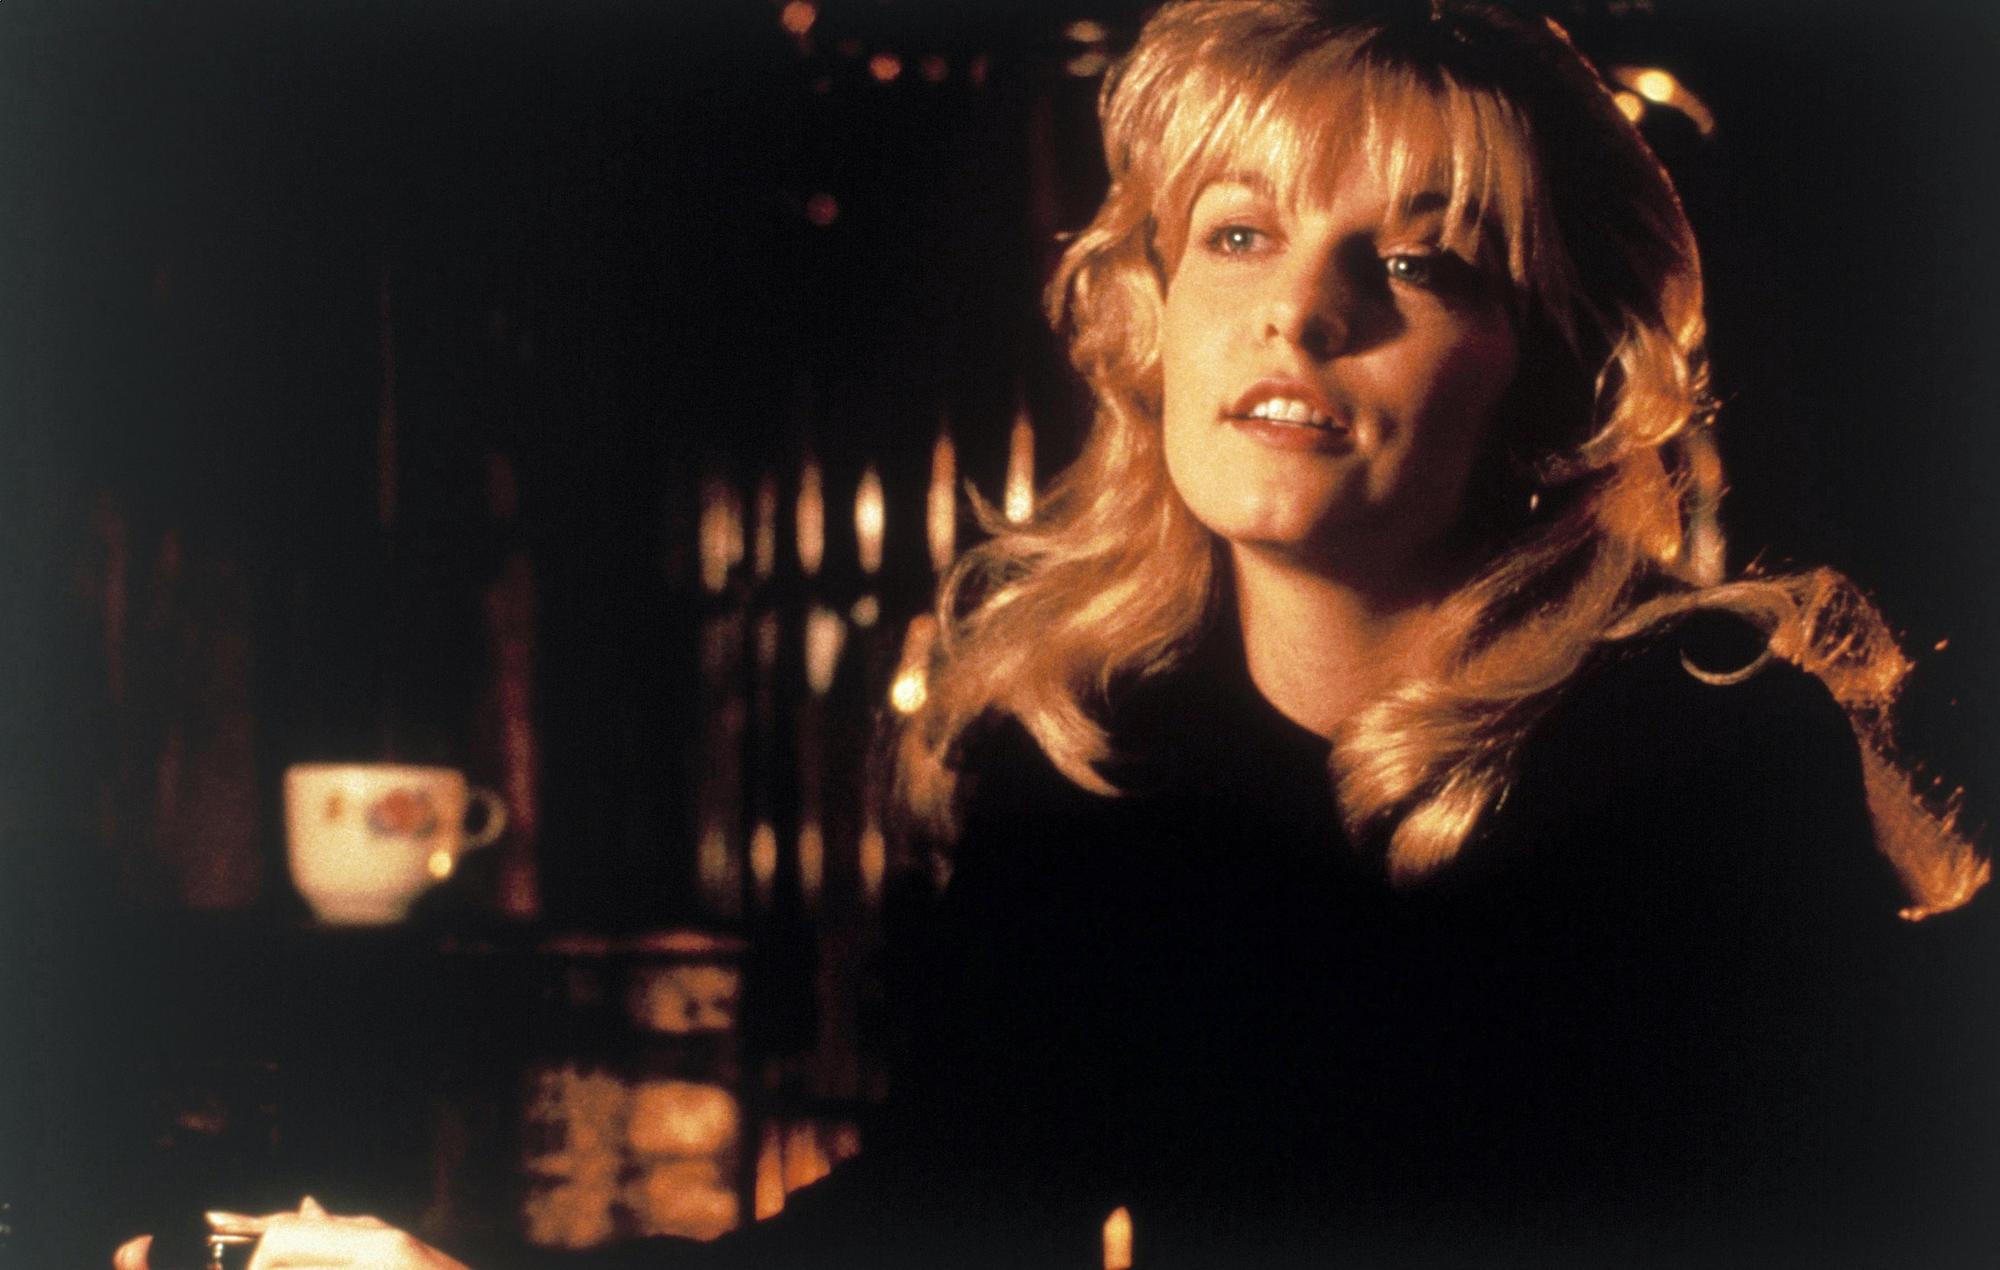 Twin Peaks, Laura Palmer, Sheryl Leee